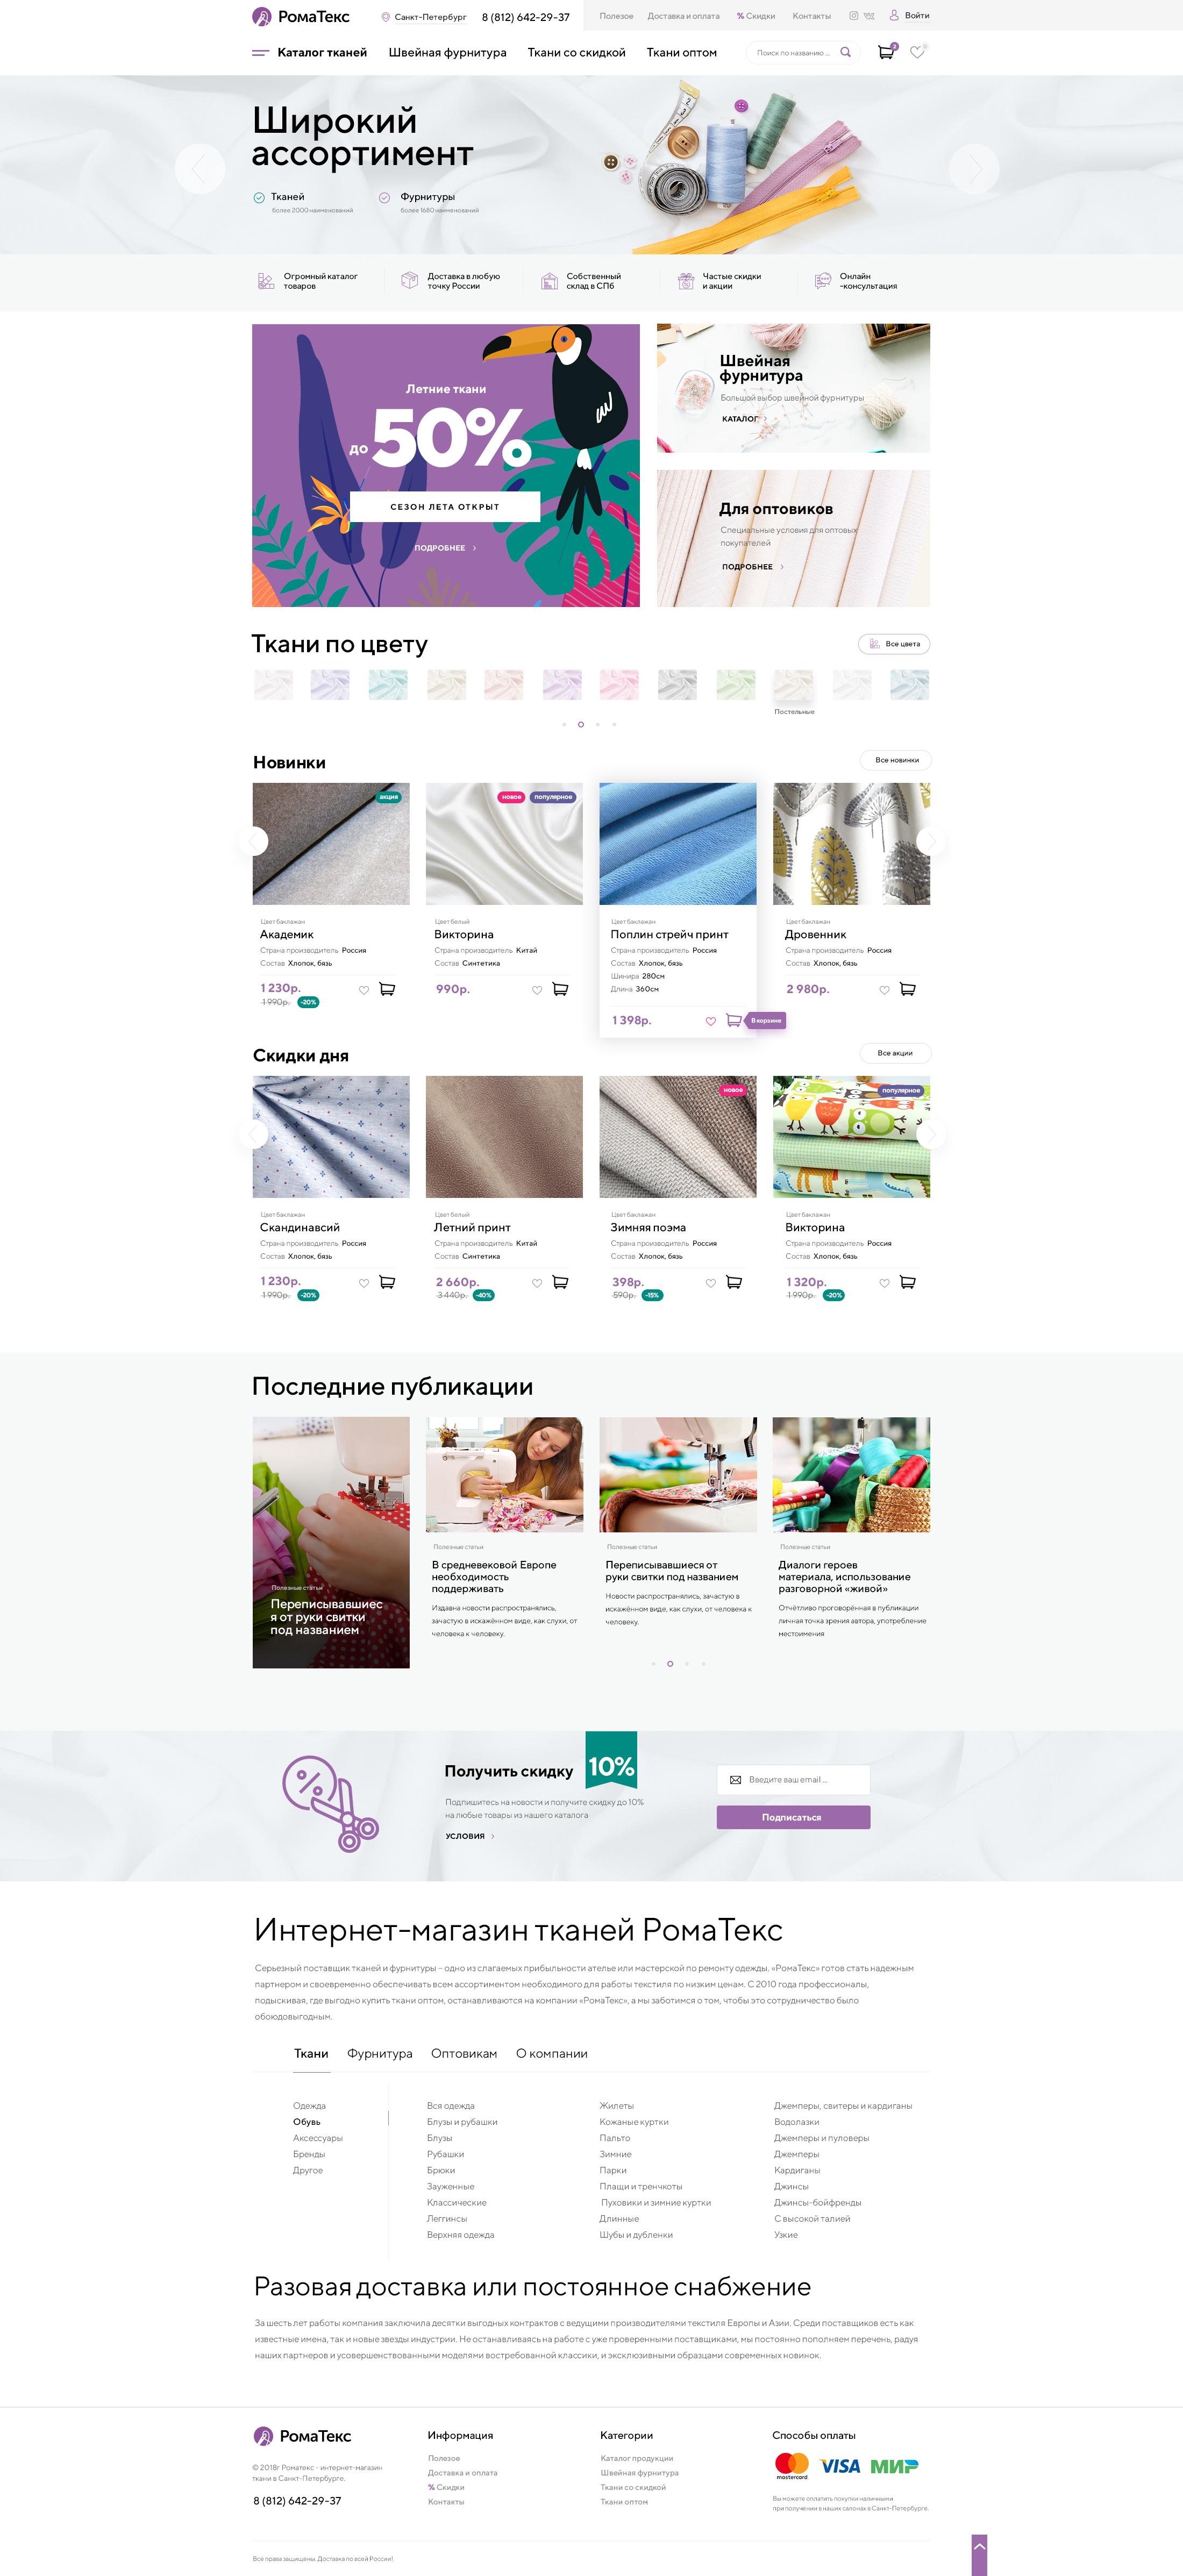 Роматекс - интернет-магазин тканей + seo